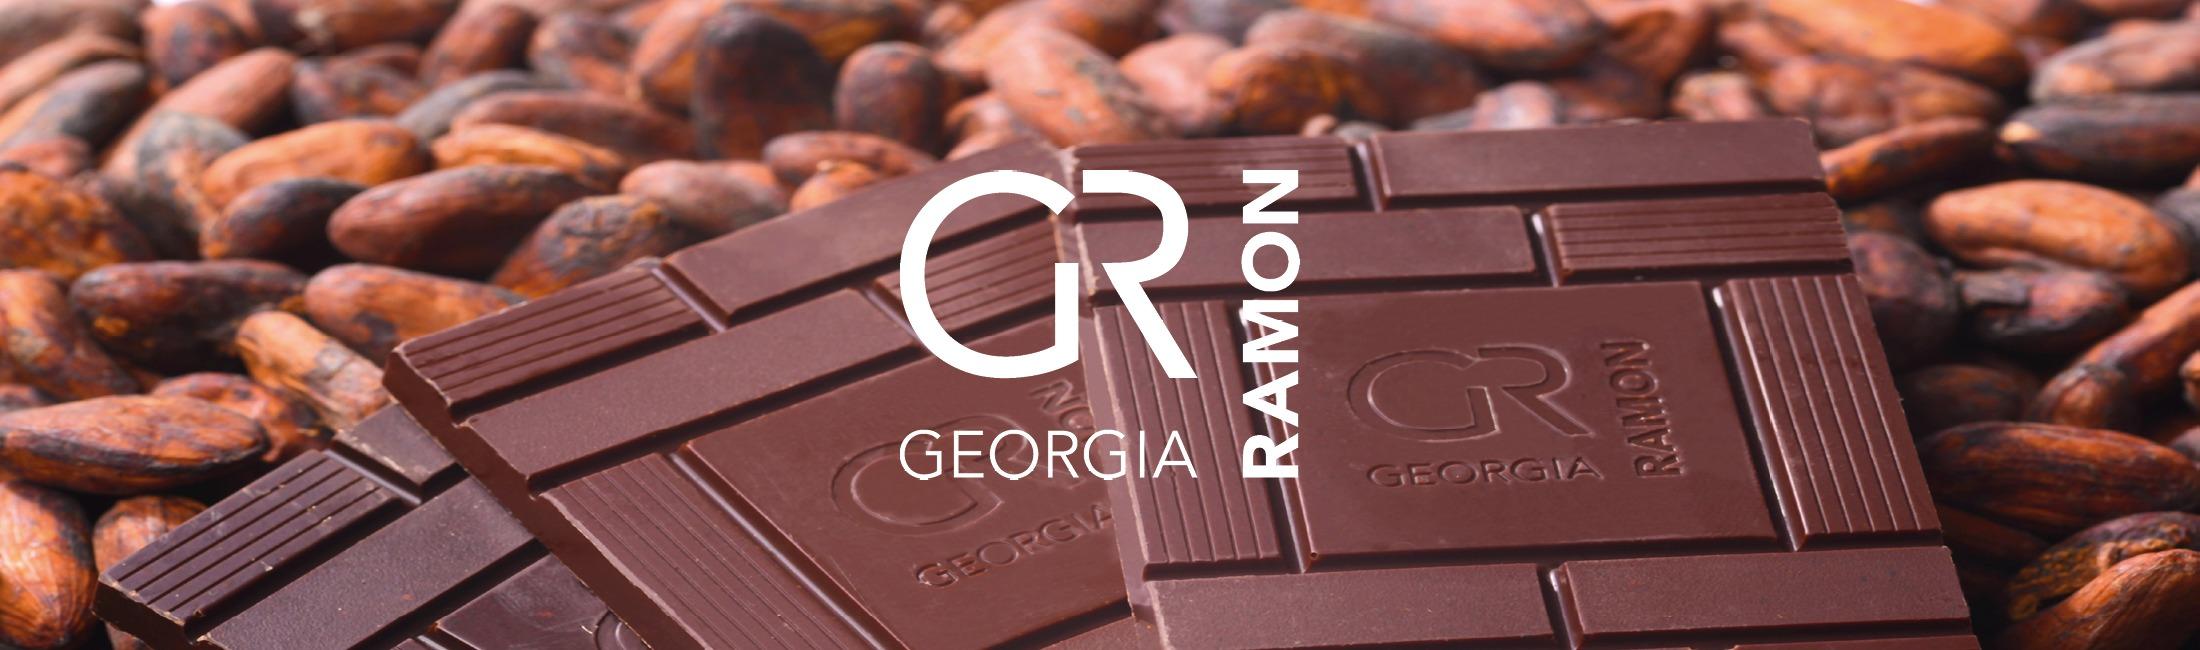 Georgia Ramon